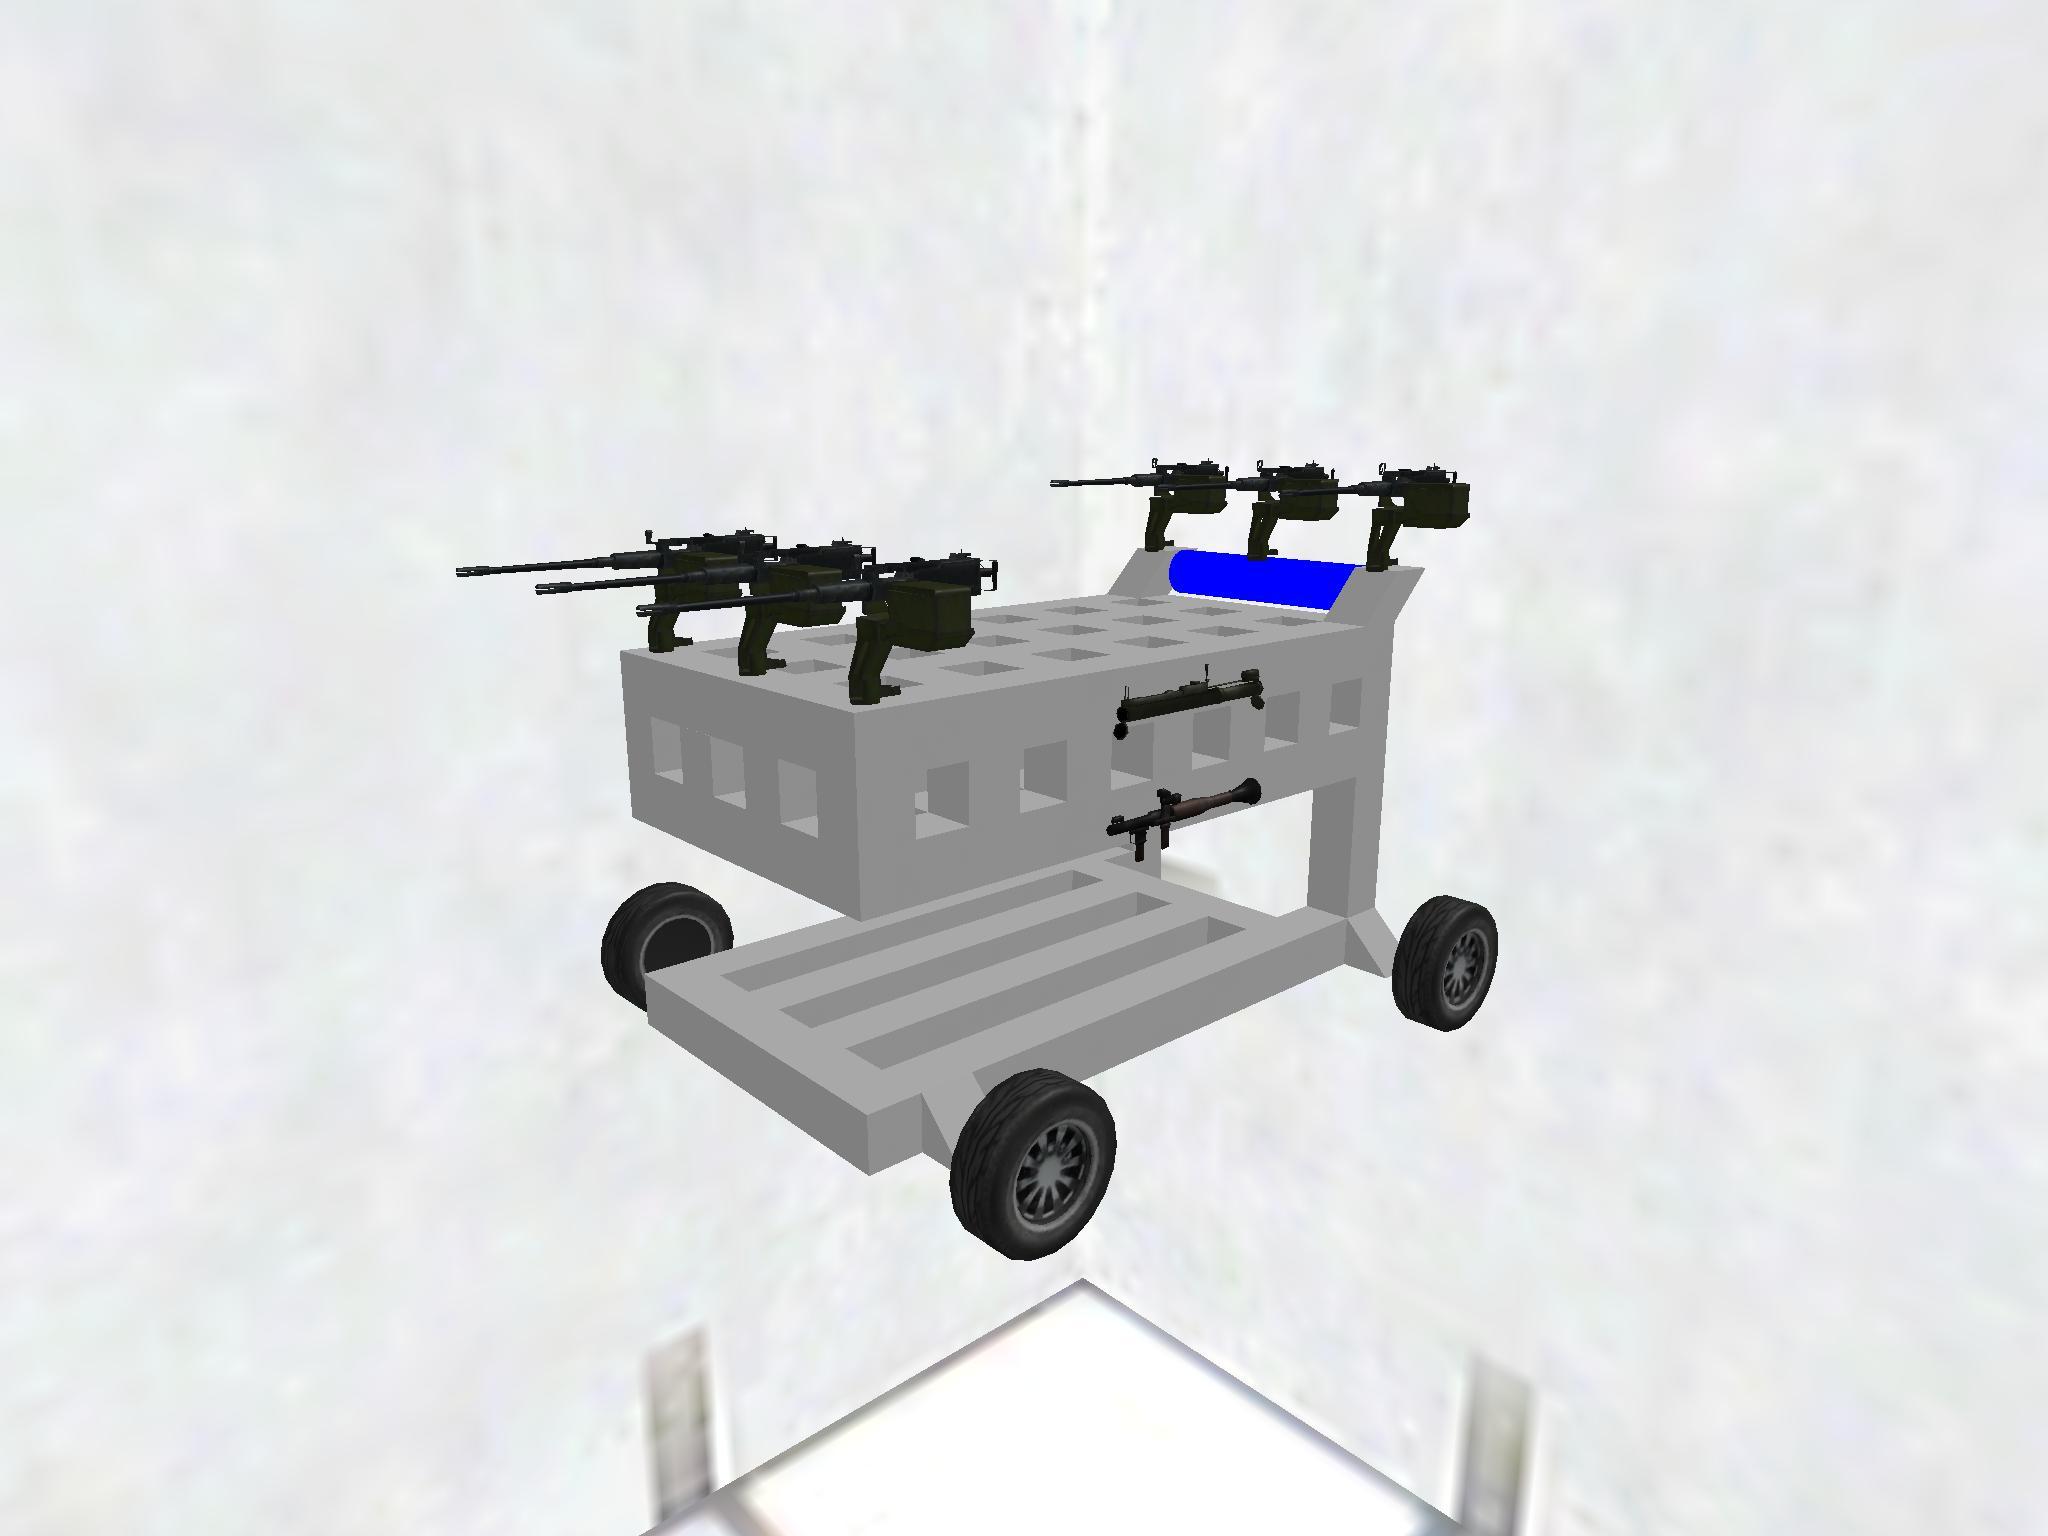 Armed Tesco Trolley